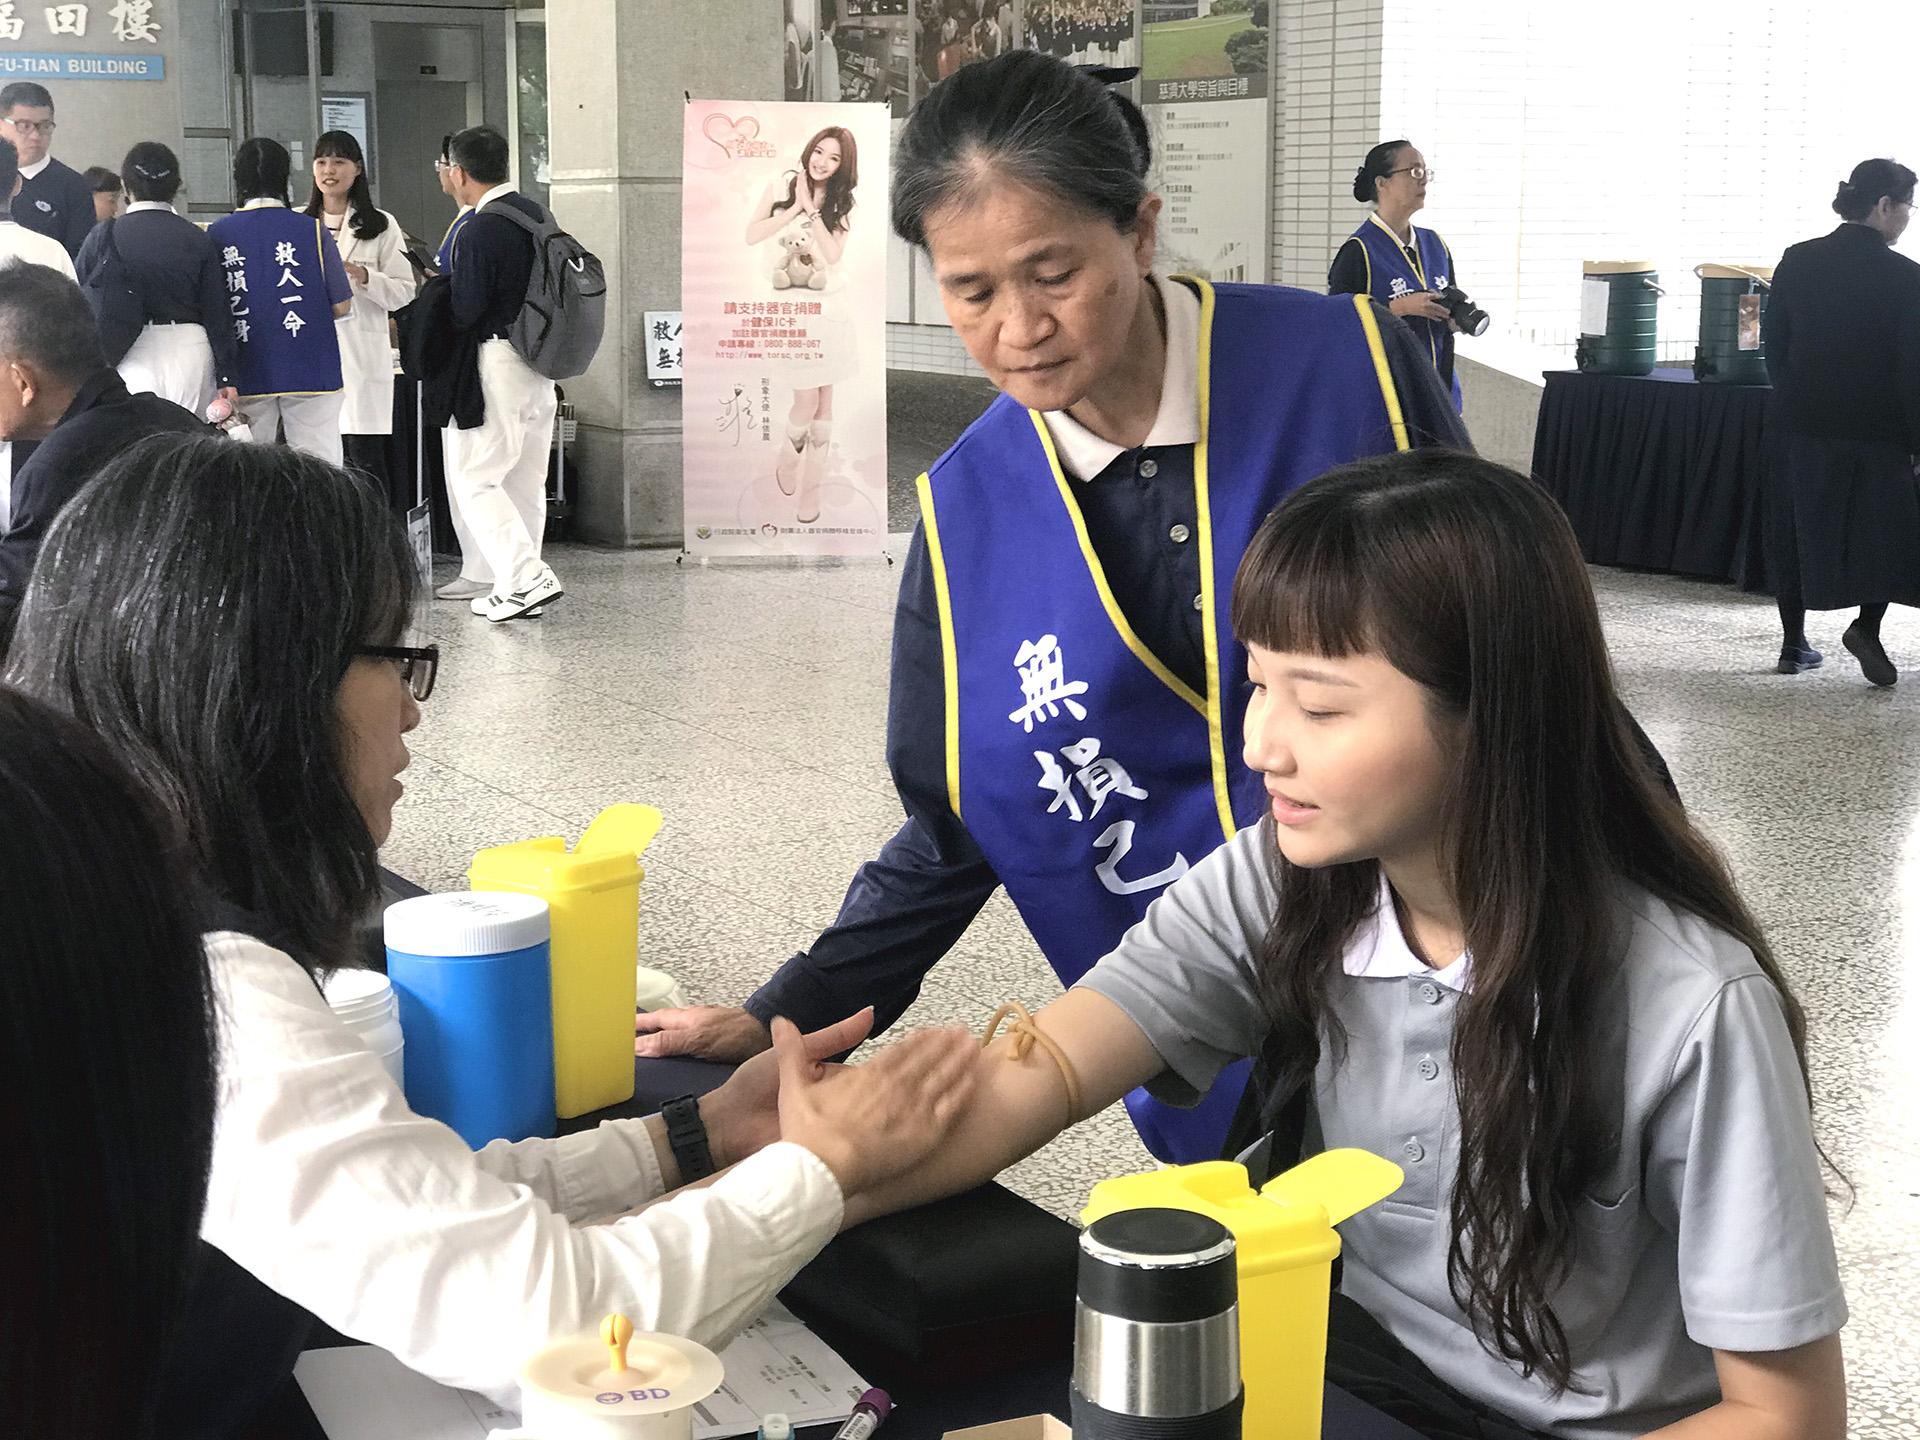 護理系一年級的王彤珈,在生命教育課程中了解造血幹細胞捐贈除了無損己身,更能夠給血液疾病患者一個重生的希望。